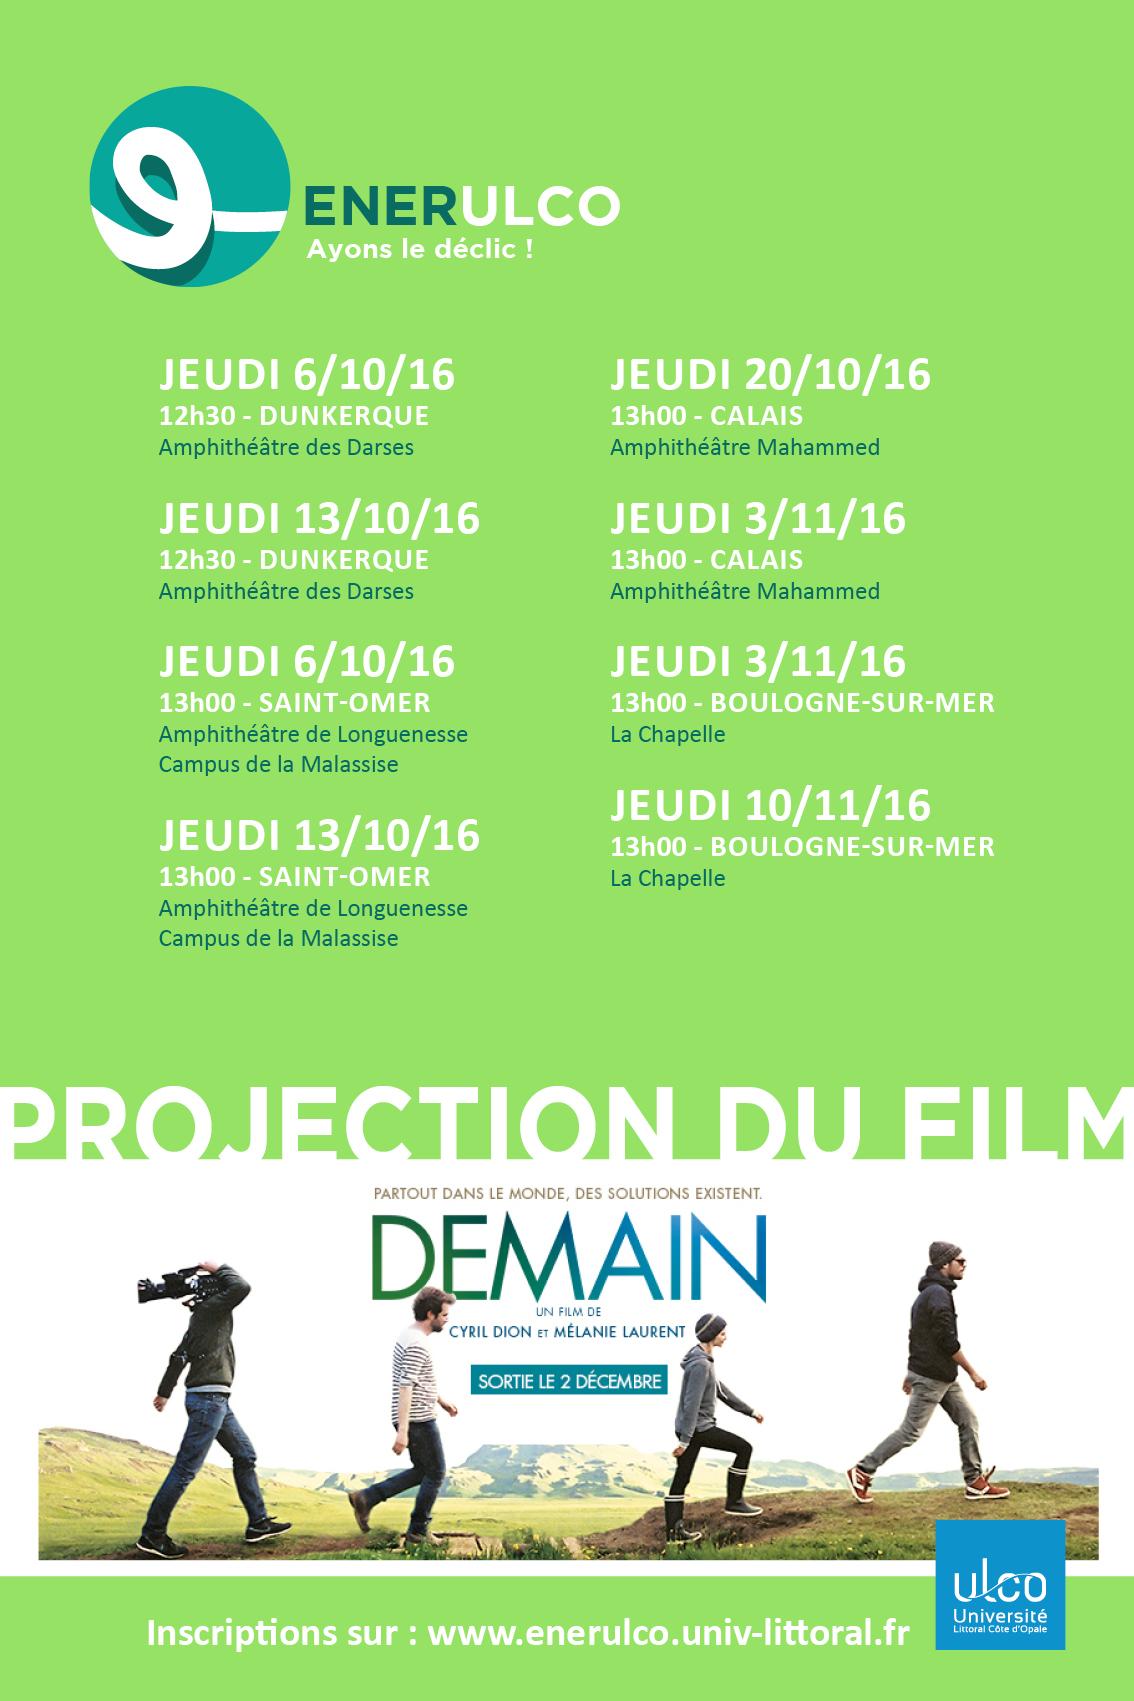 affiche film demain enerulco(version définitive)